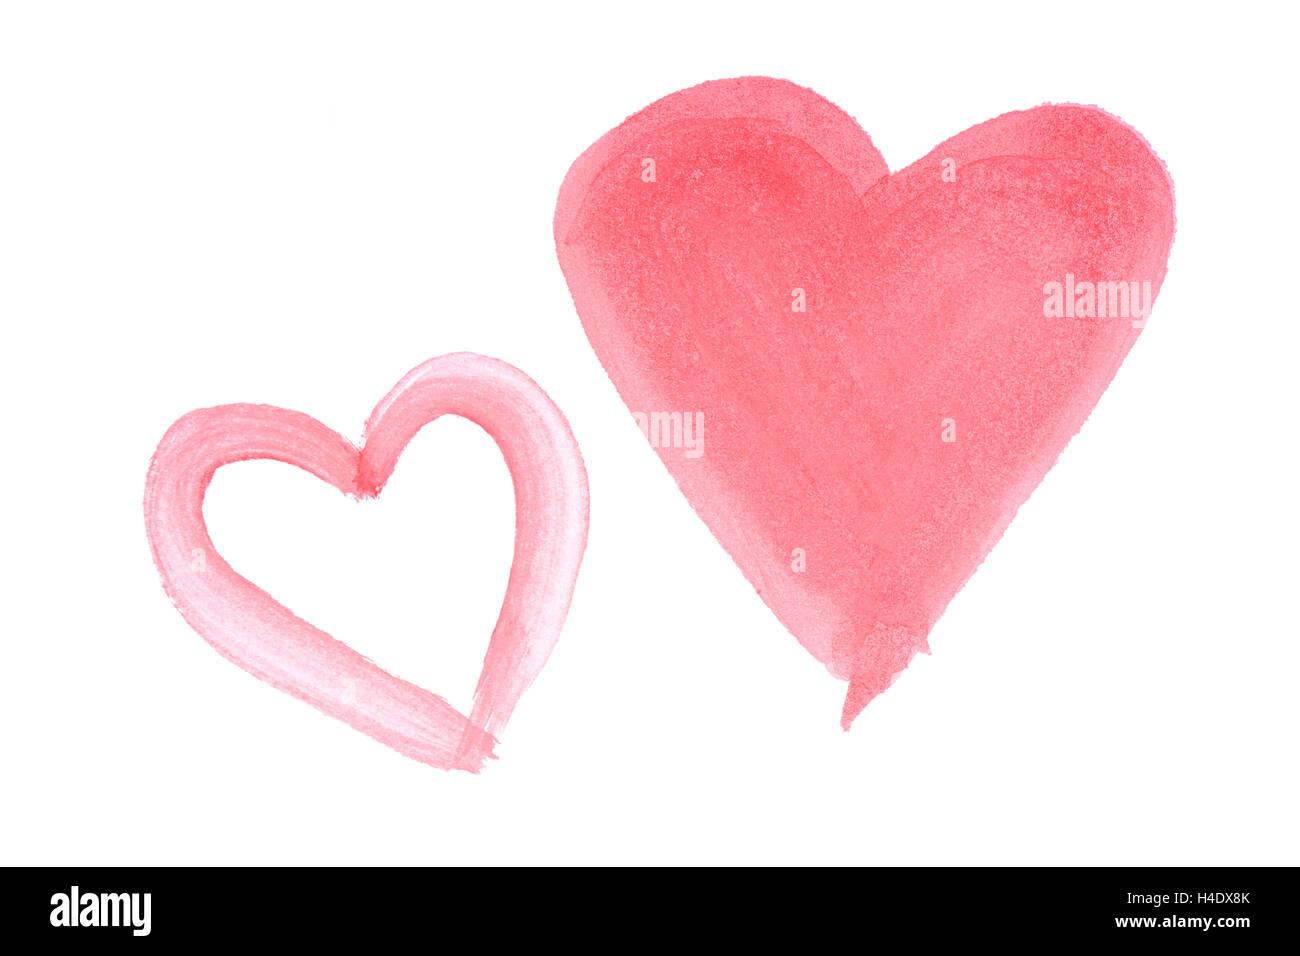 A due mani dipinte di rosso acquerello cuori isolati su sfondo bianco Immagini Stock